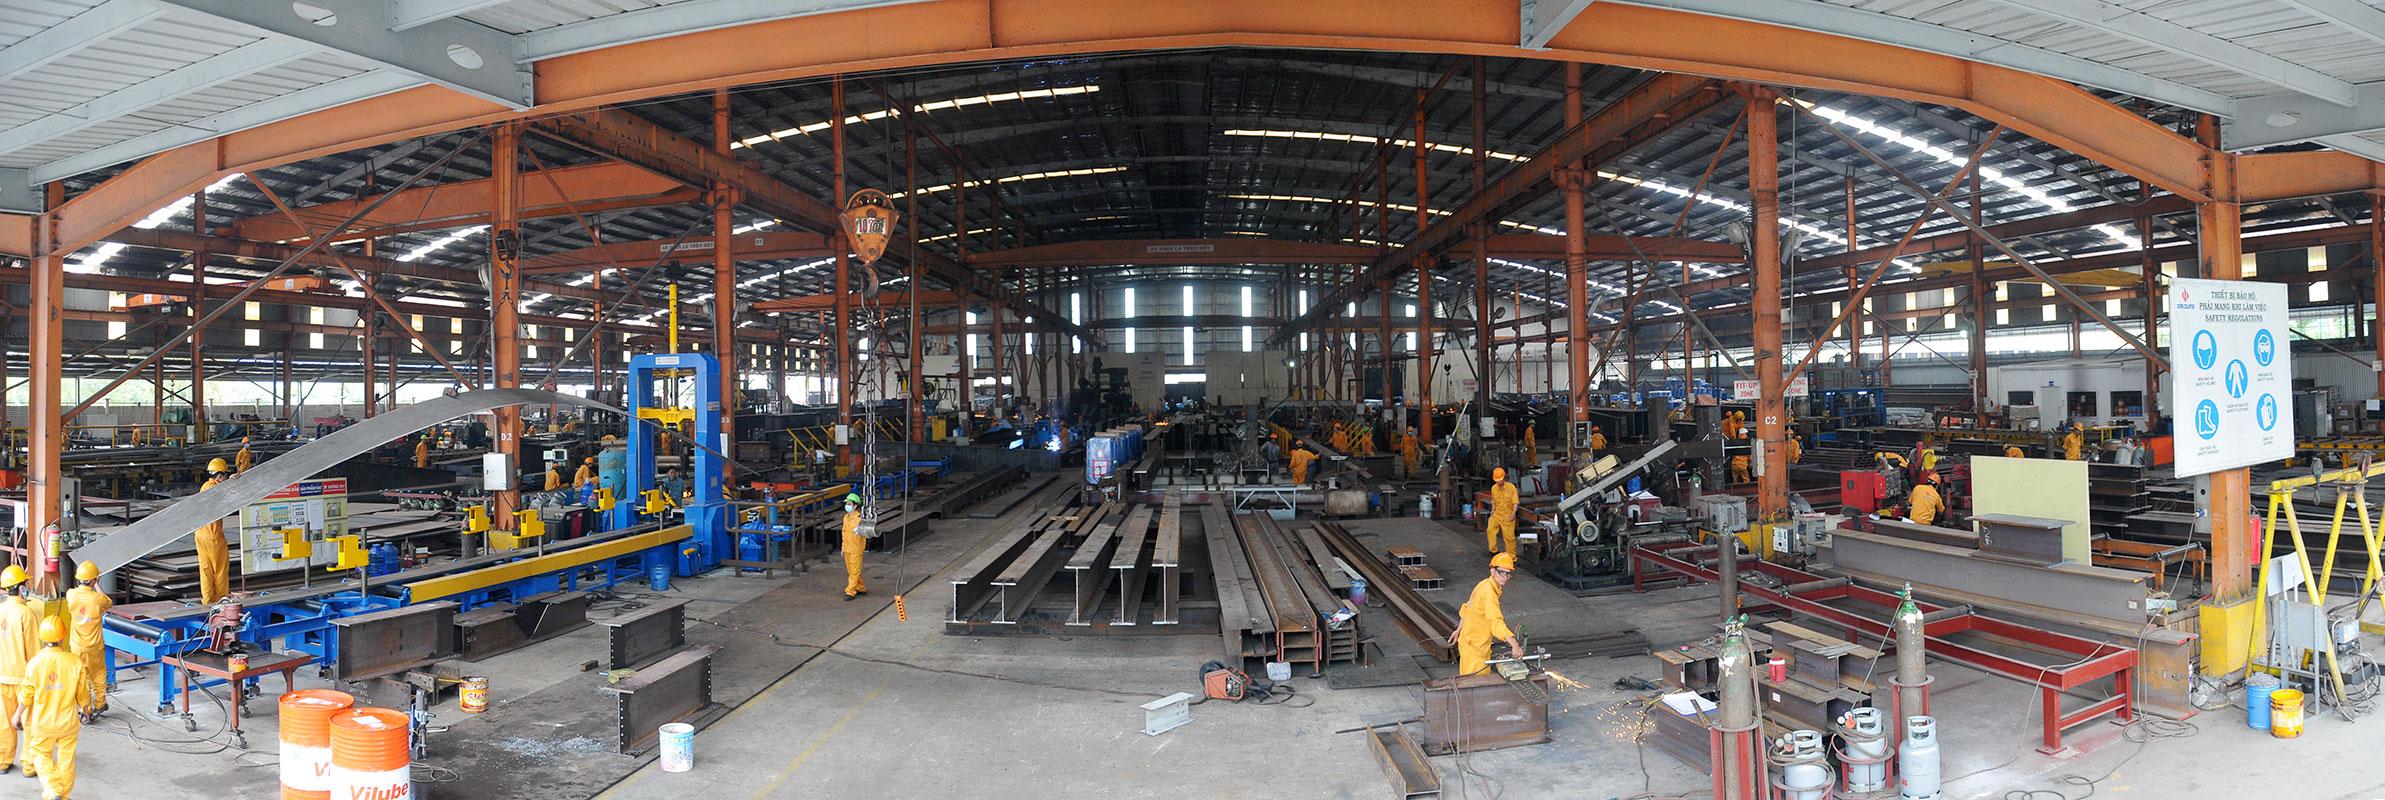 Giá thép, quặng sắt kỳ hạn tại Trung Quốc tăng